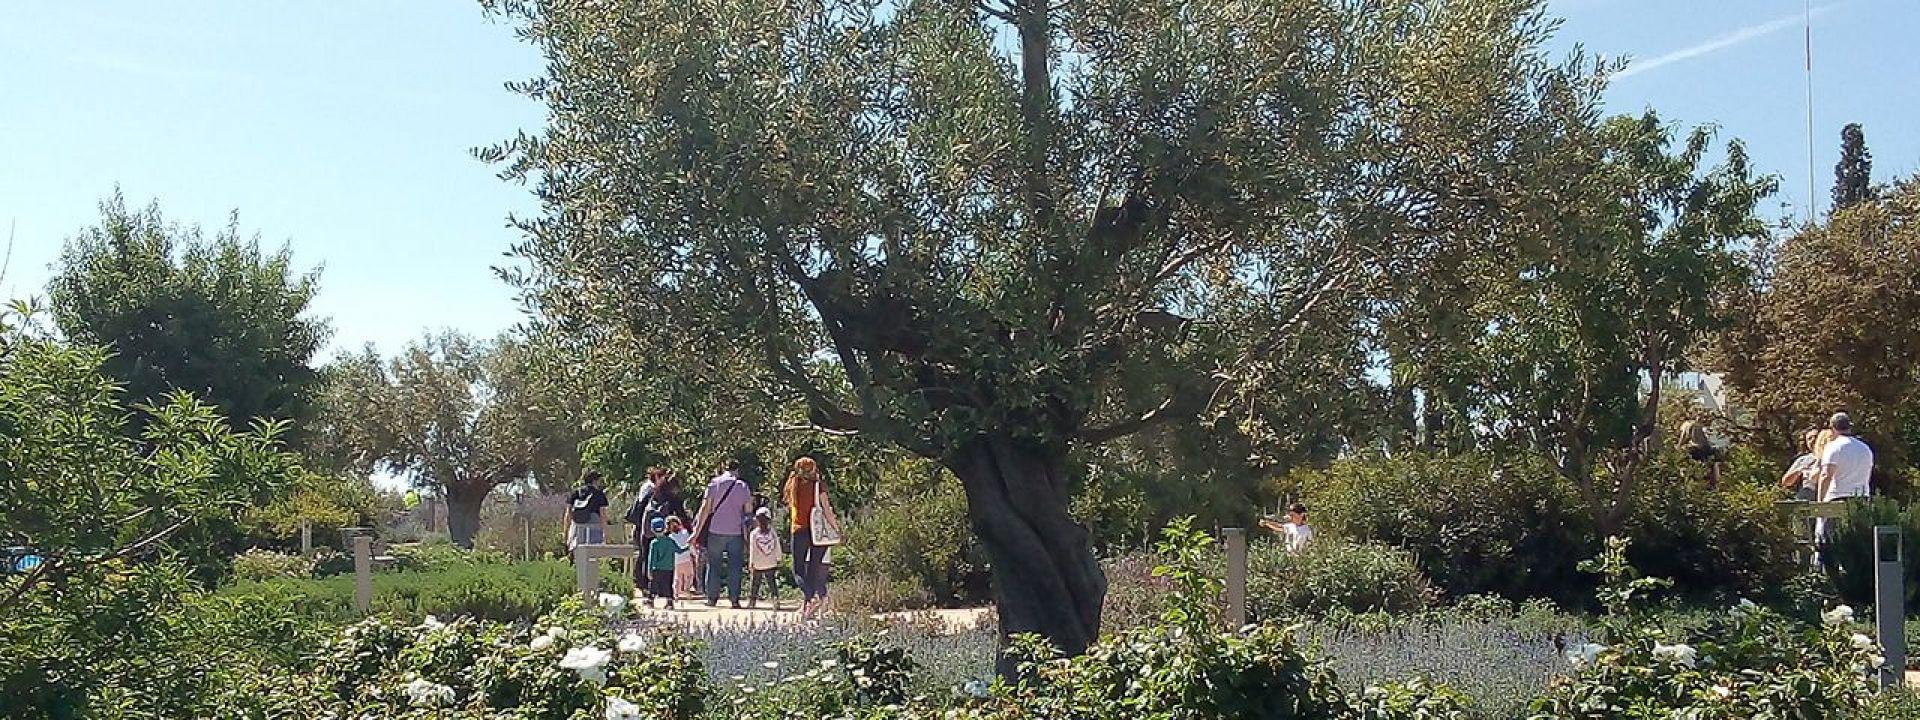 Φωτογραφία από το Πάρκο Σταύρος Νιάρχος